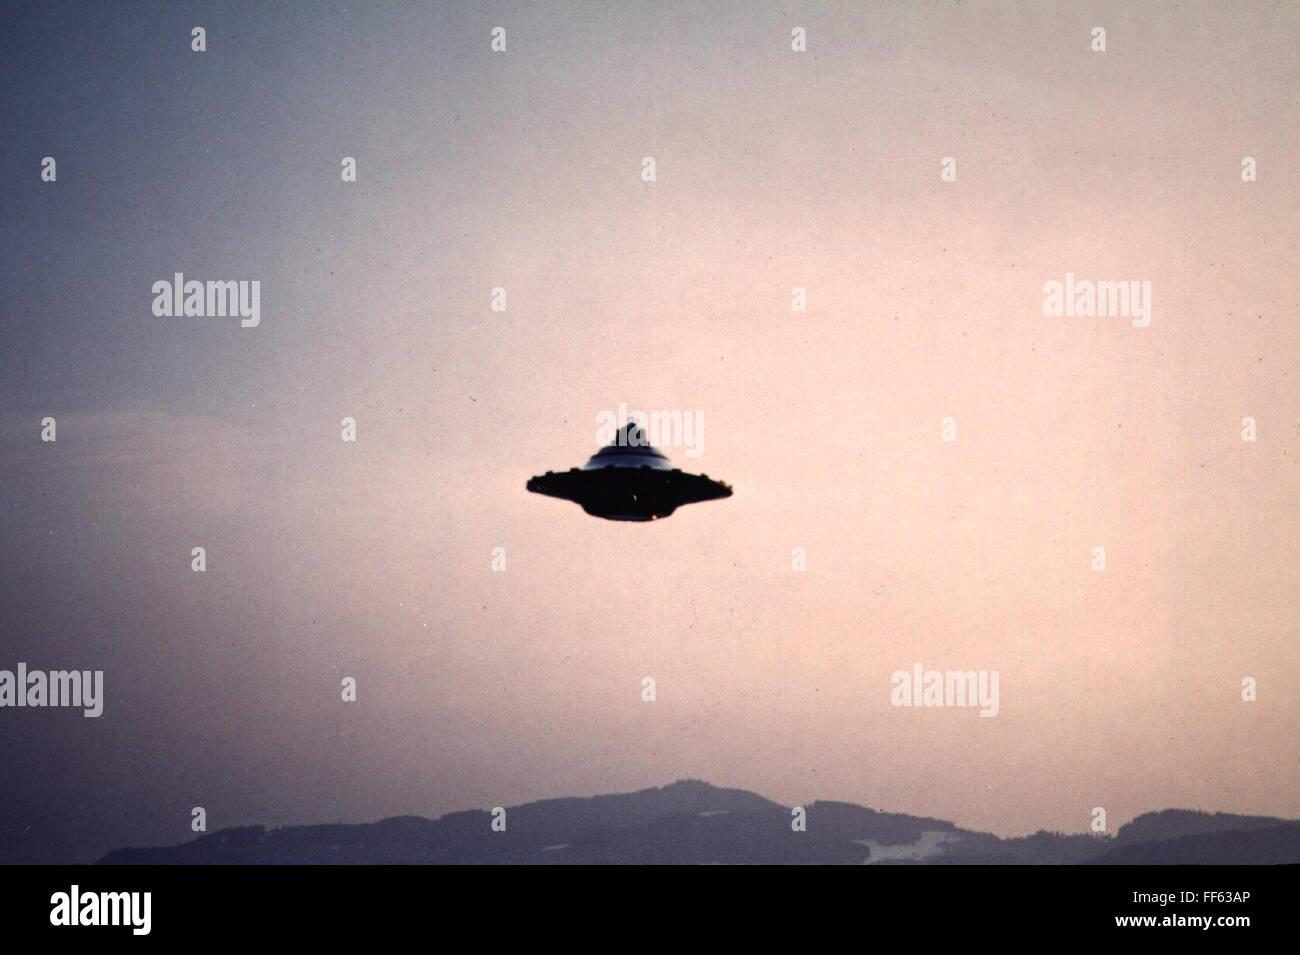 De l'astronautique, objet volant non identifié (ovni), flying ufo, Hasenböl-Langenberg, Suisse, 29.3.1976, Photo Stock